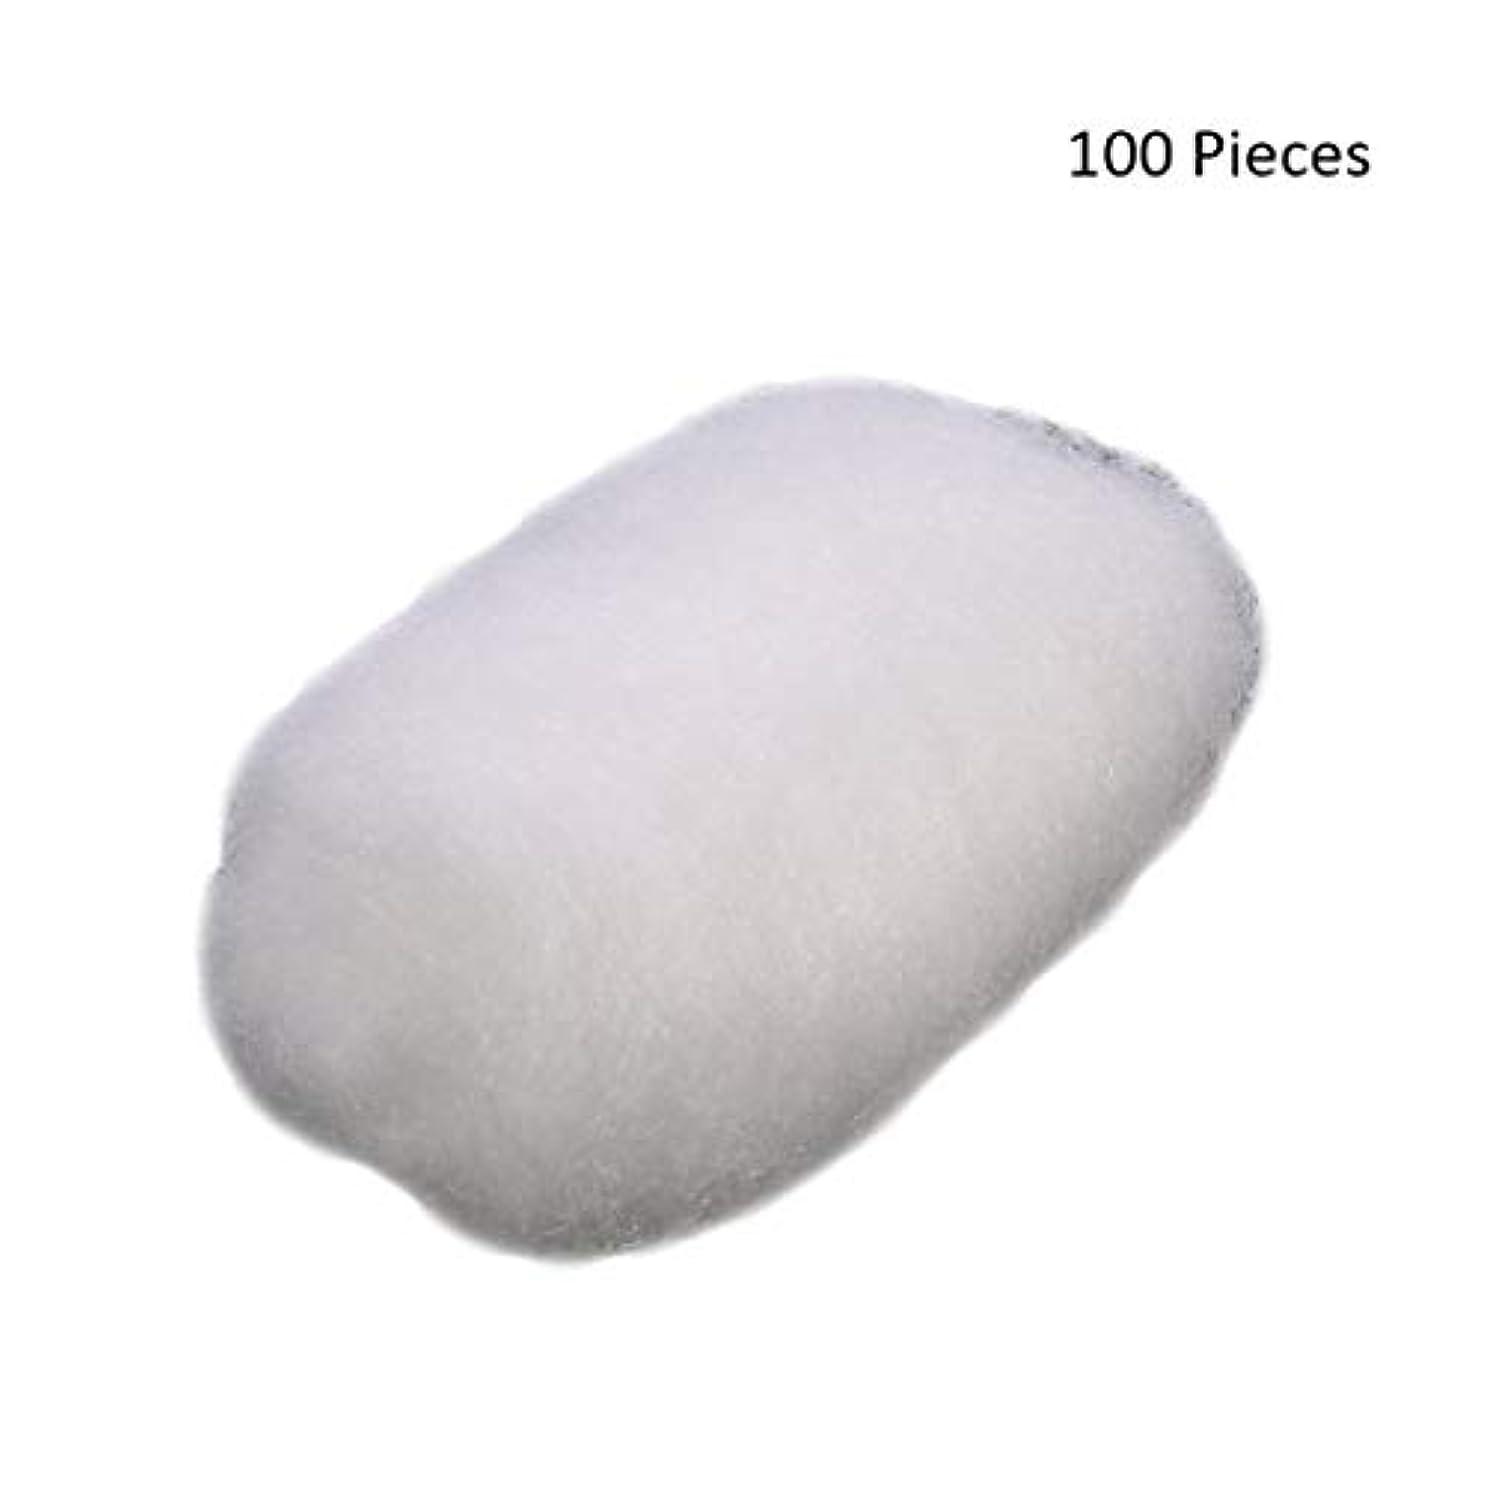 差し控える土器電報化粧パッド 100ピース/バッグコットンボールタトゥー消毒化粧クレンジングローションオイルマニキュア化粧品除去パフコットンボール メイク落とし化粧パッド (Color : White)